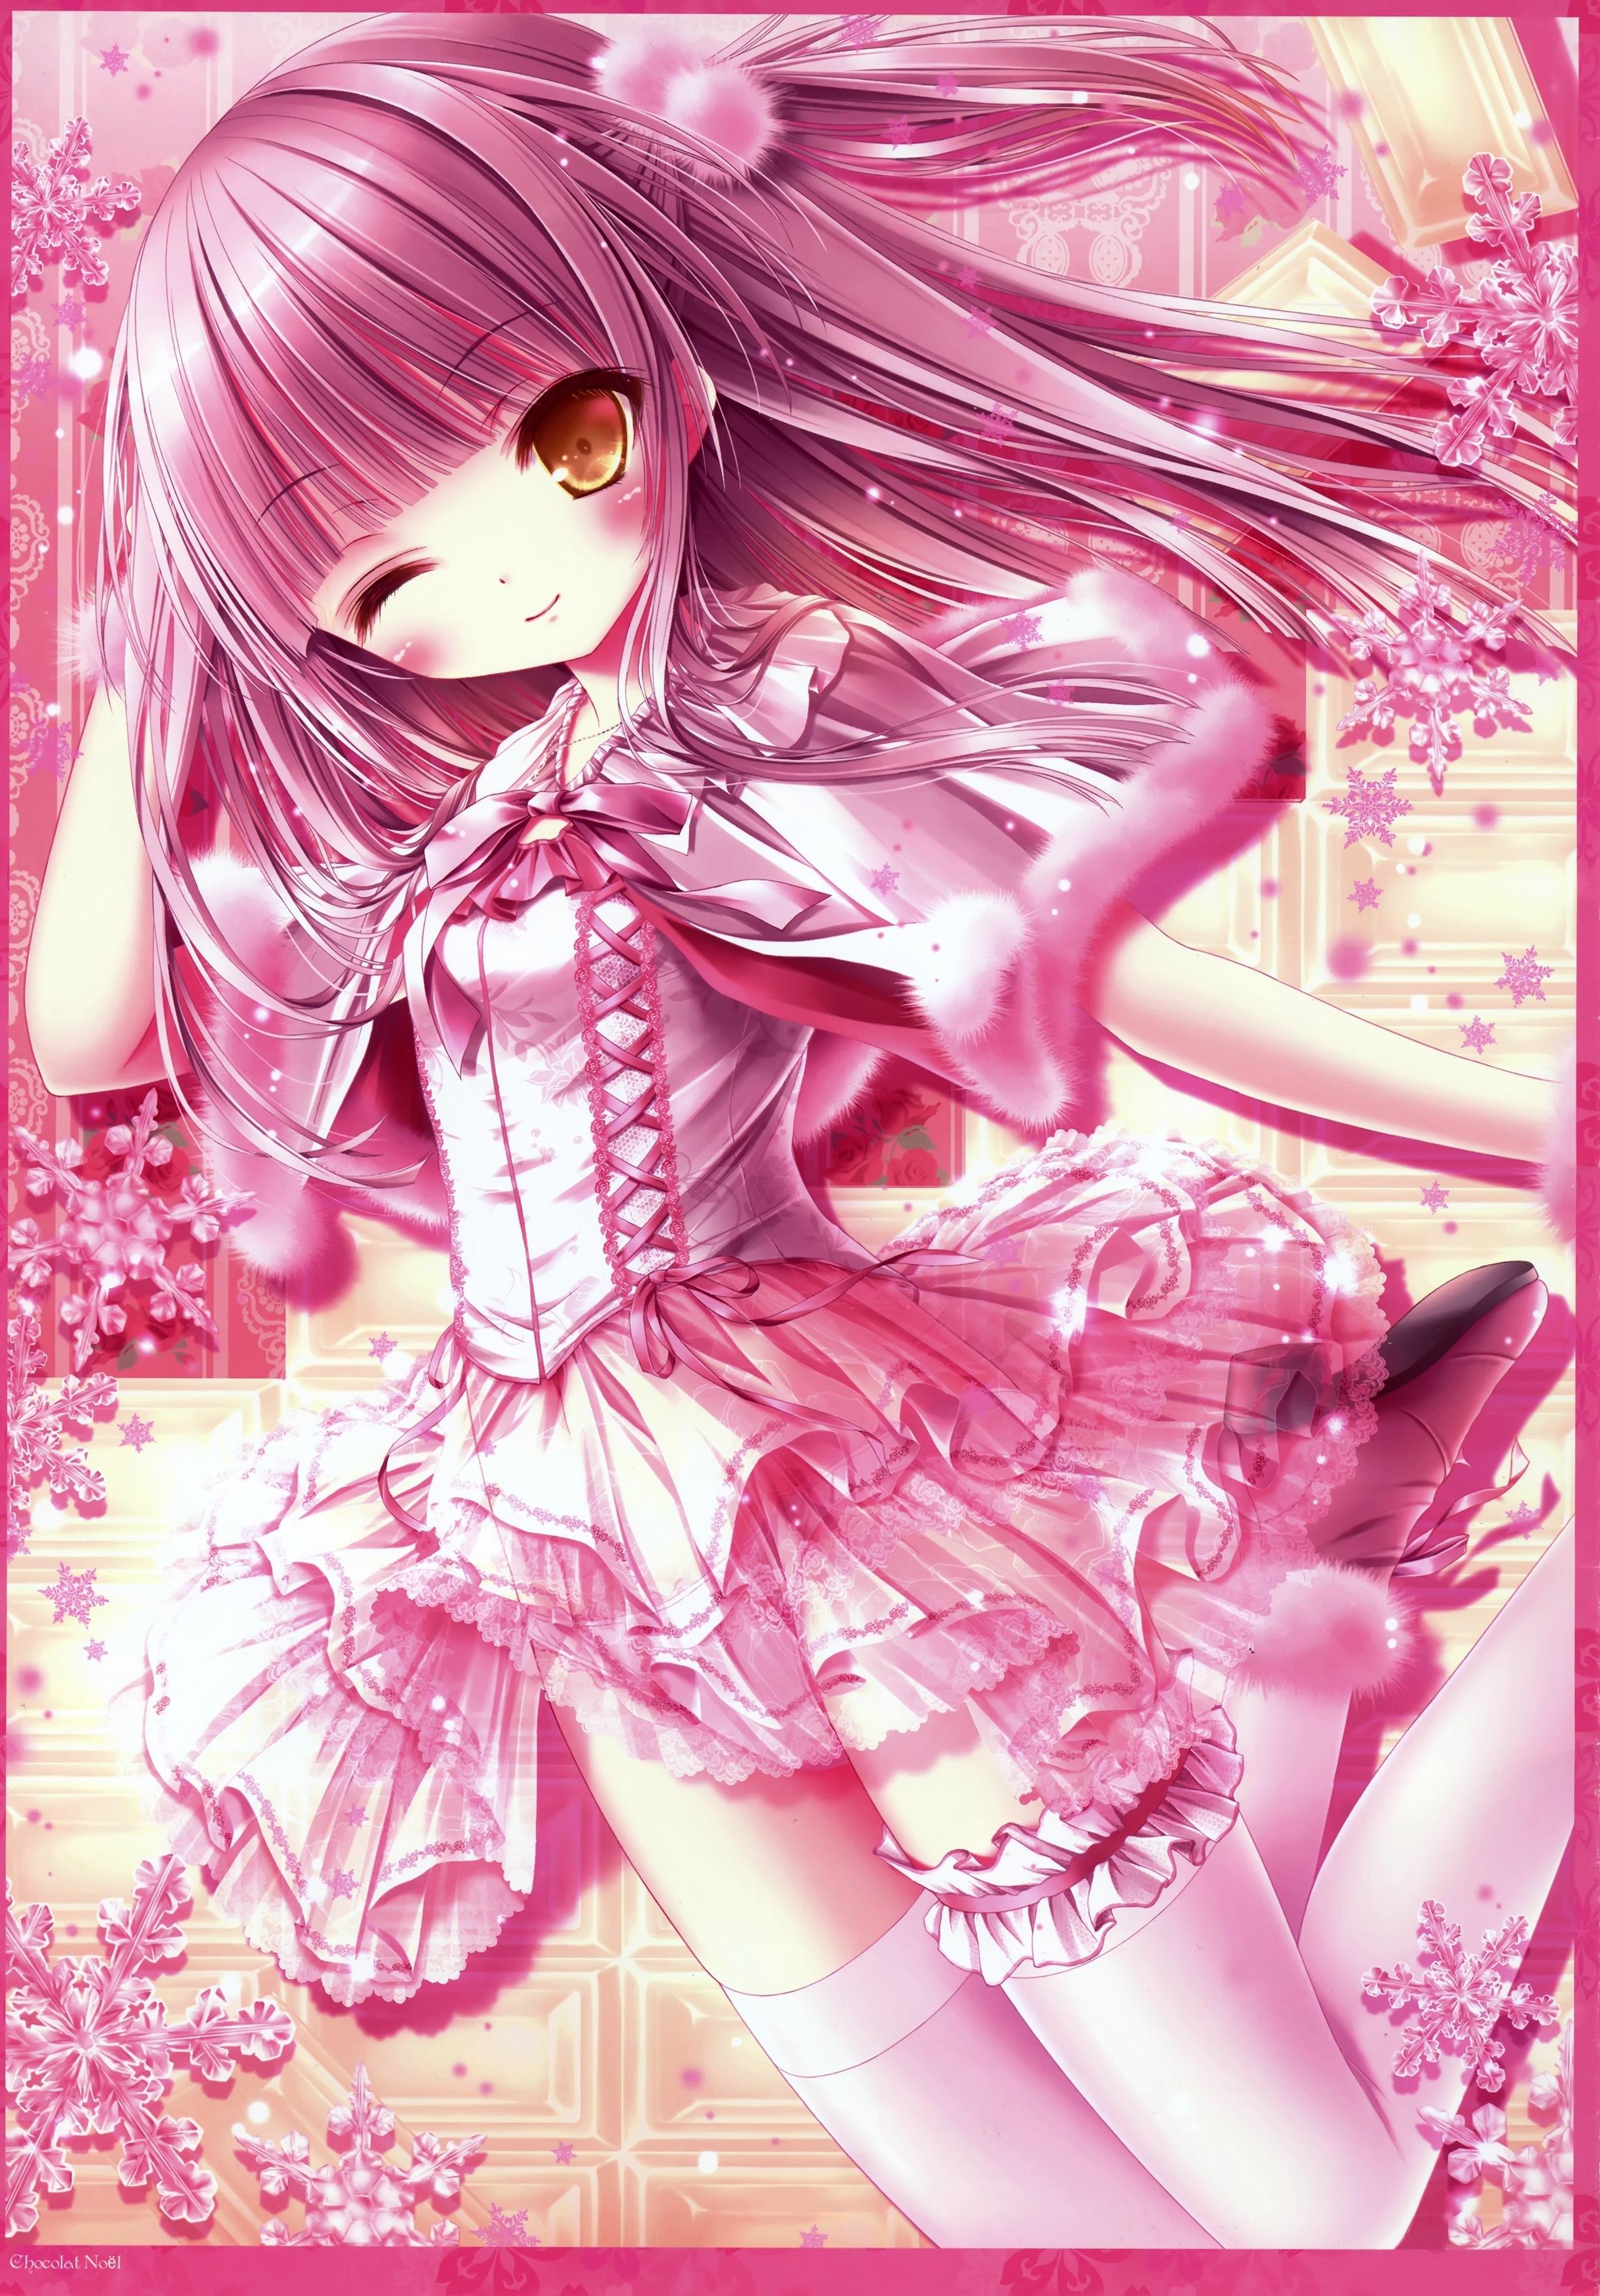 tinkerbell mobile wallpaper 1837366  zerochan anime